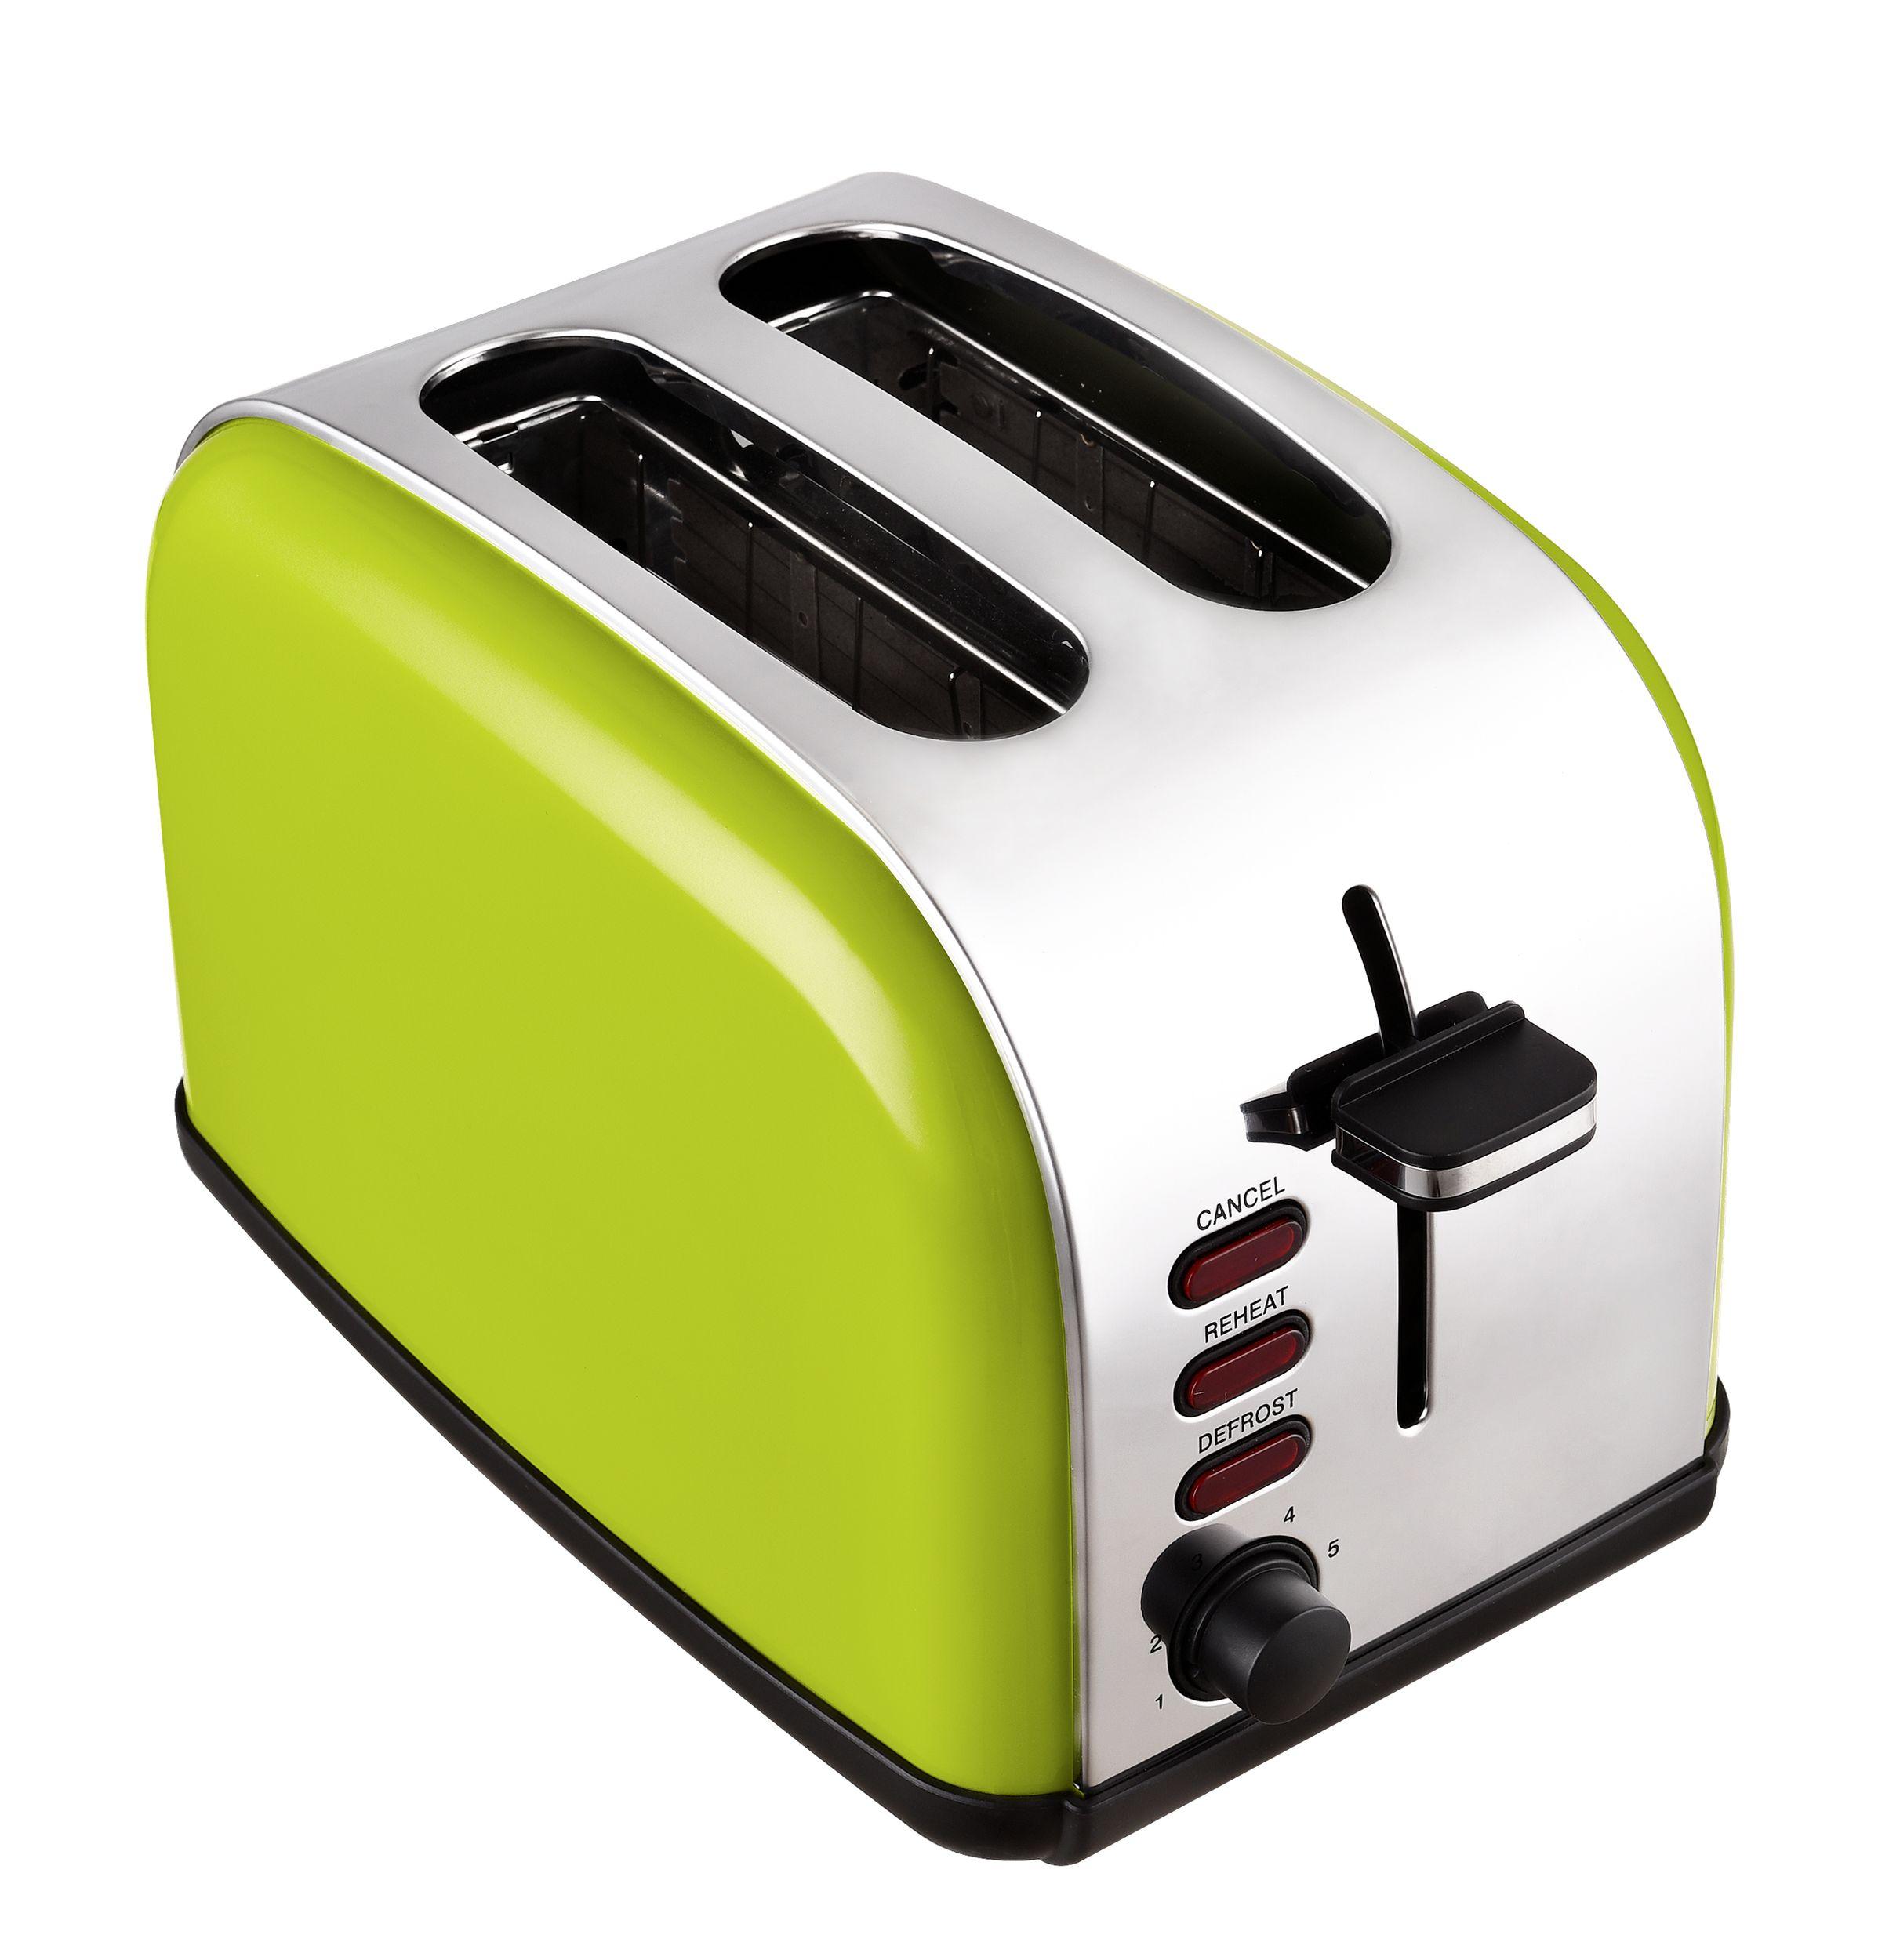 2-Scheiben-Edelstahltoaster Brotröster apfelgrün Brötchenaufsatz 1050W(Karton beschädigt)*92988 Bild 4